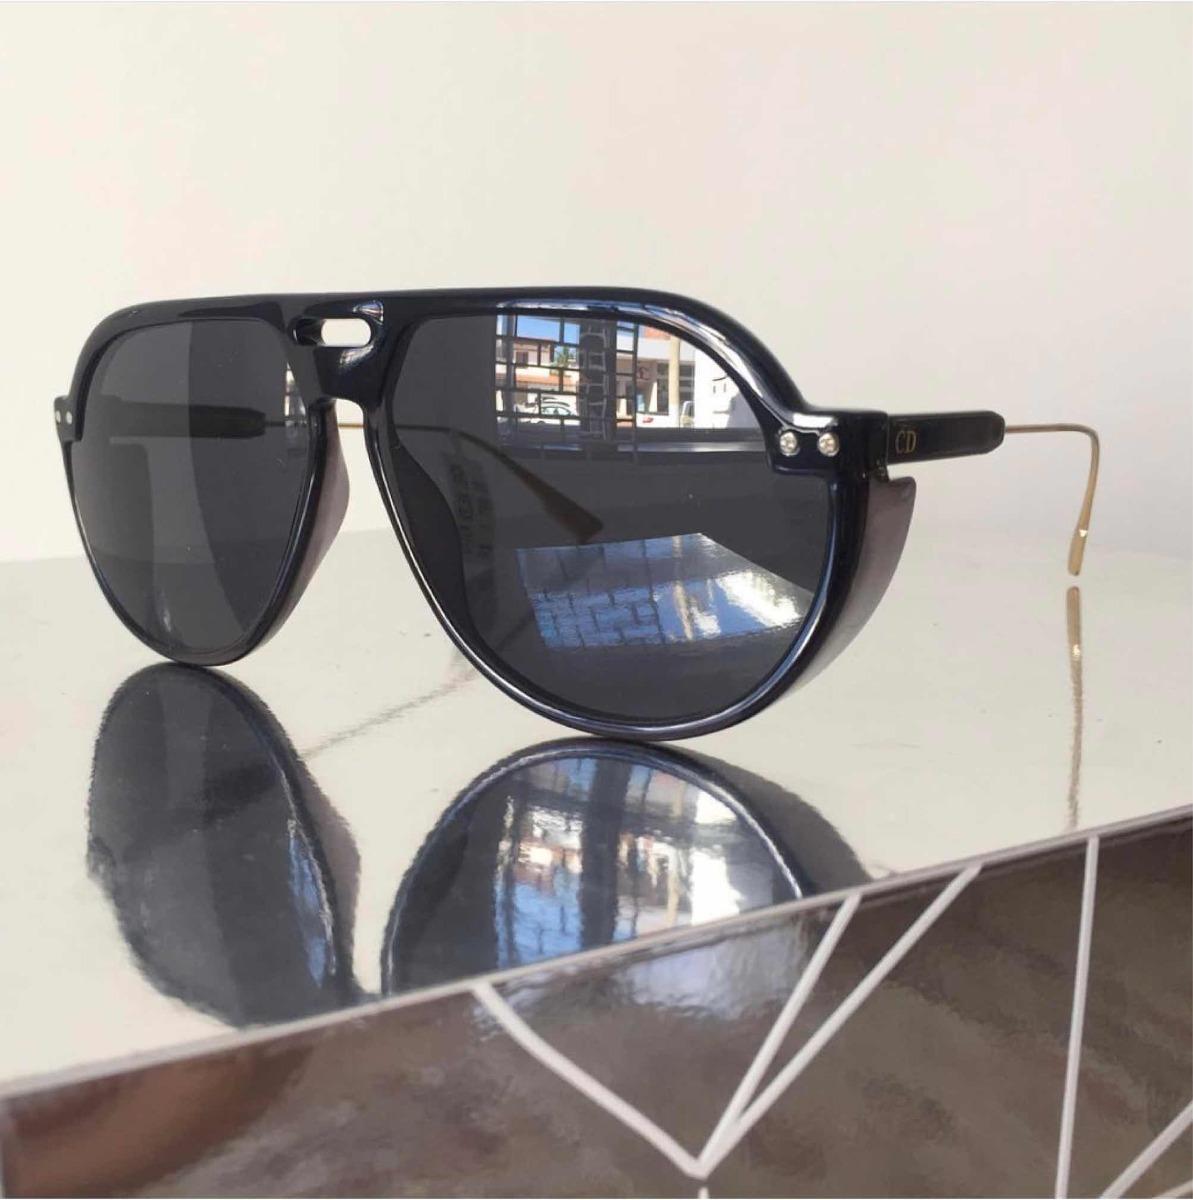 ea80abf76a3 Óculos De Sol Dior Club 3 Preto Aviador Acetato Proteção Uv - R  449 ...